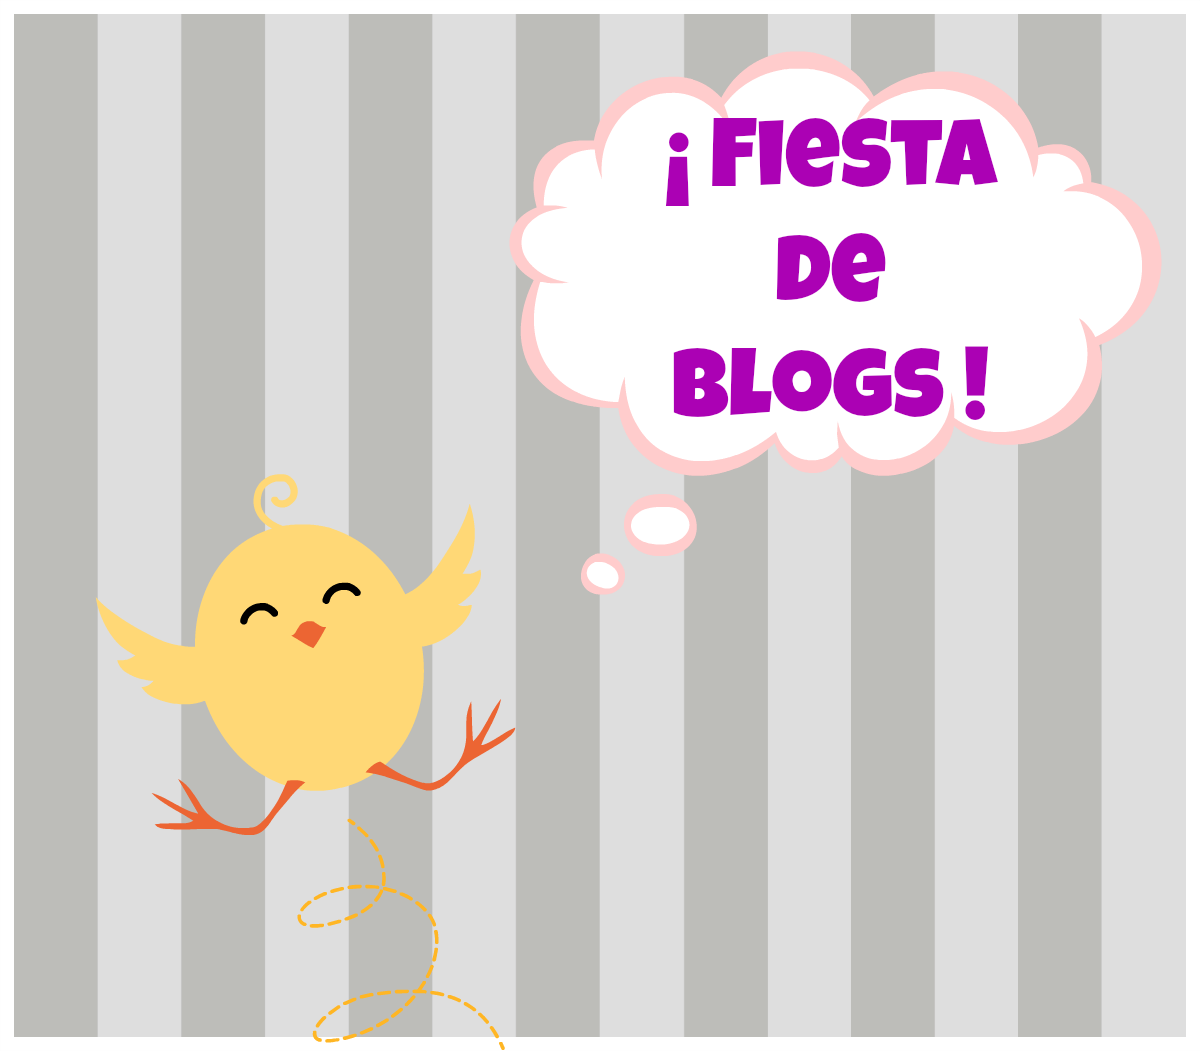 Fiesta de Blogs